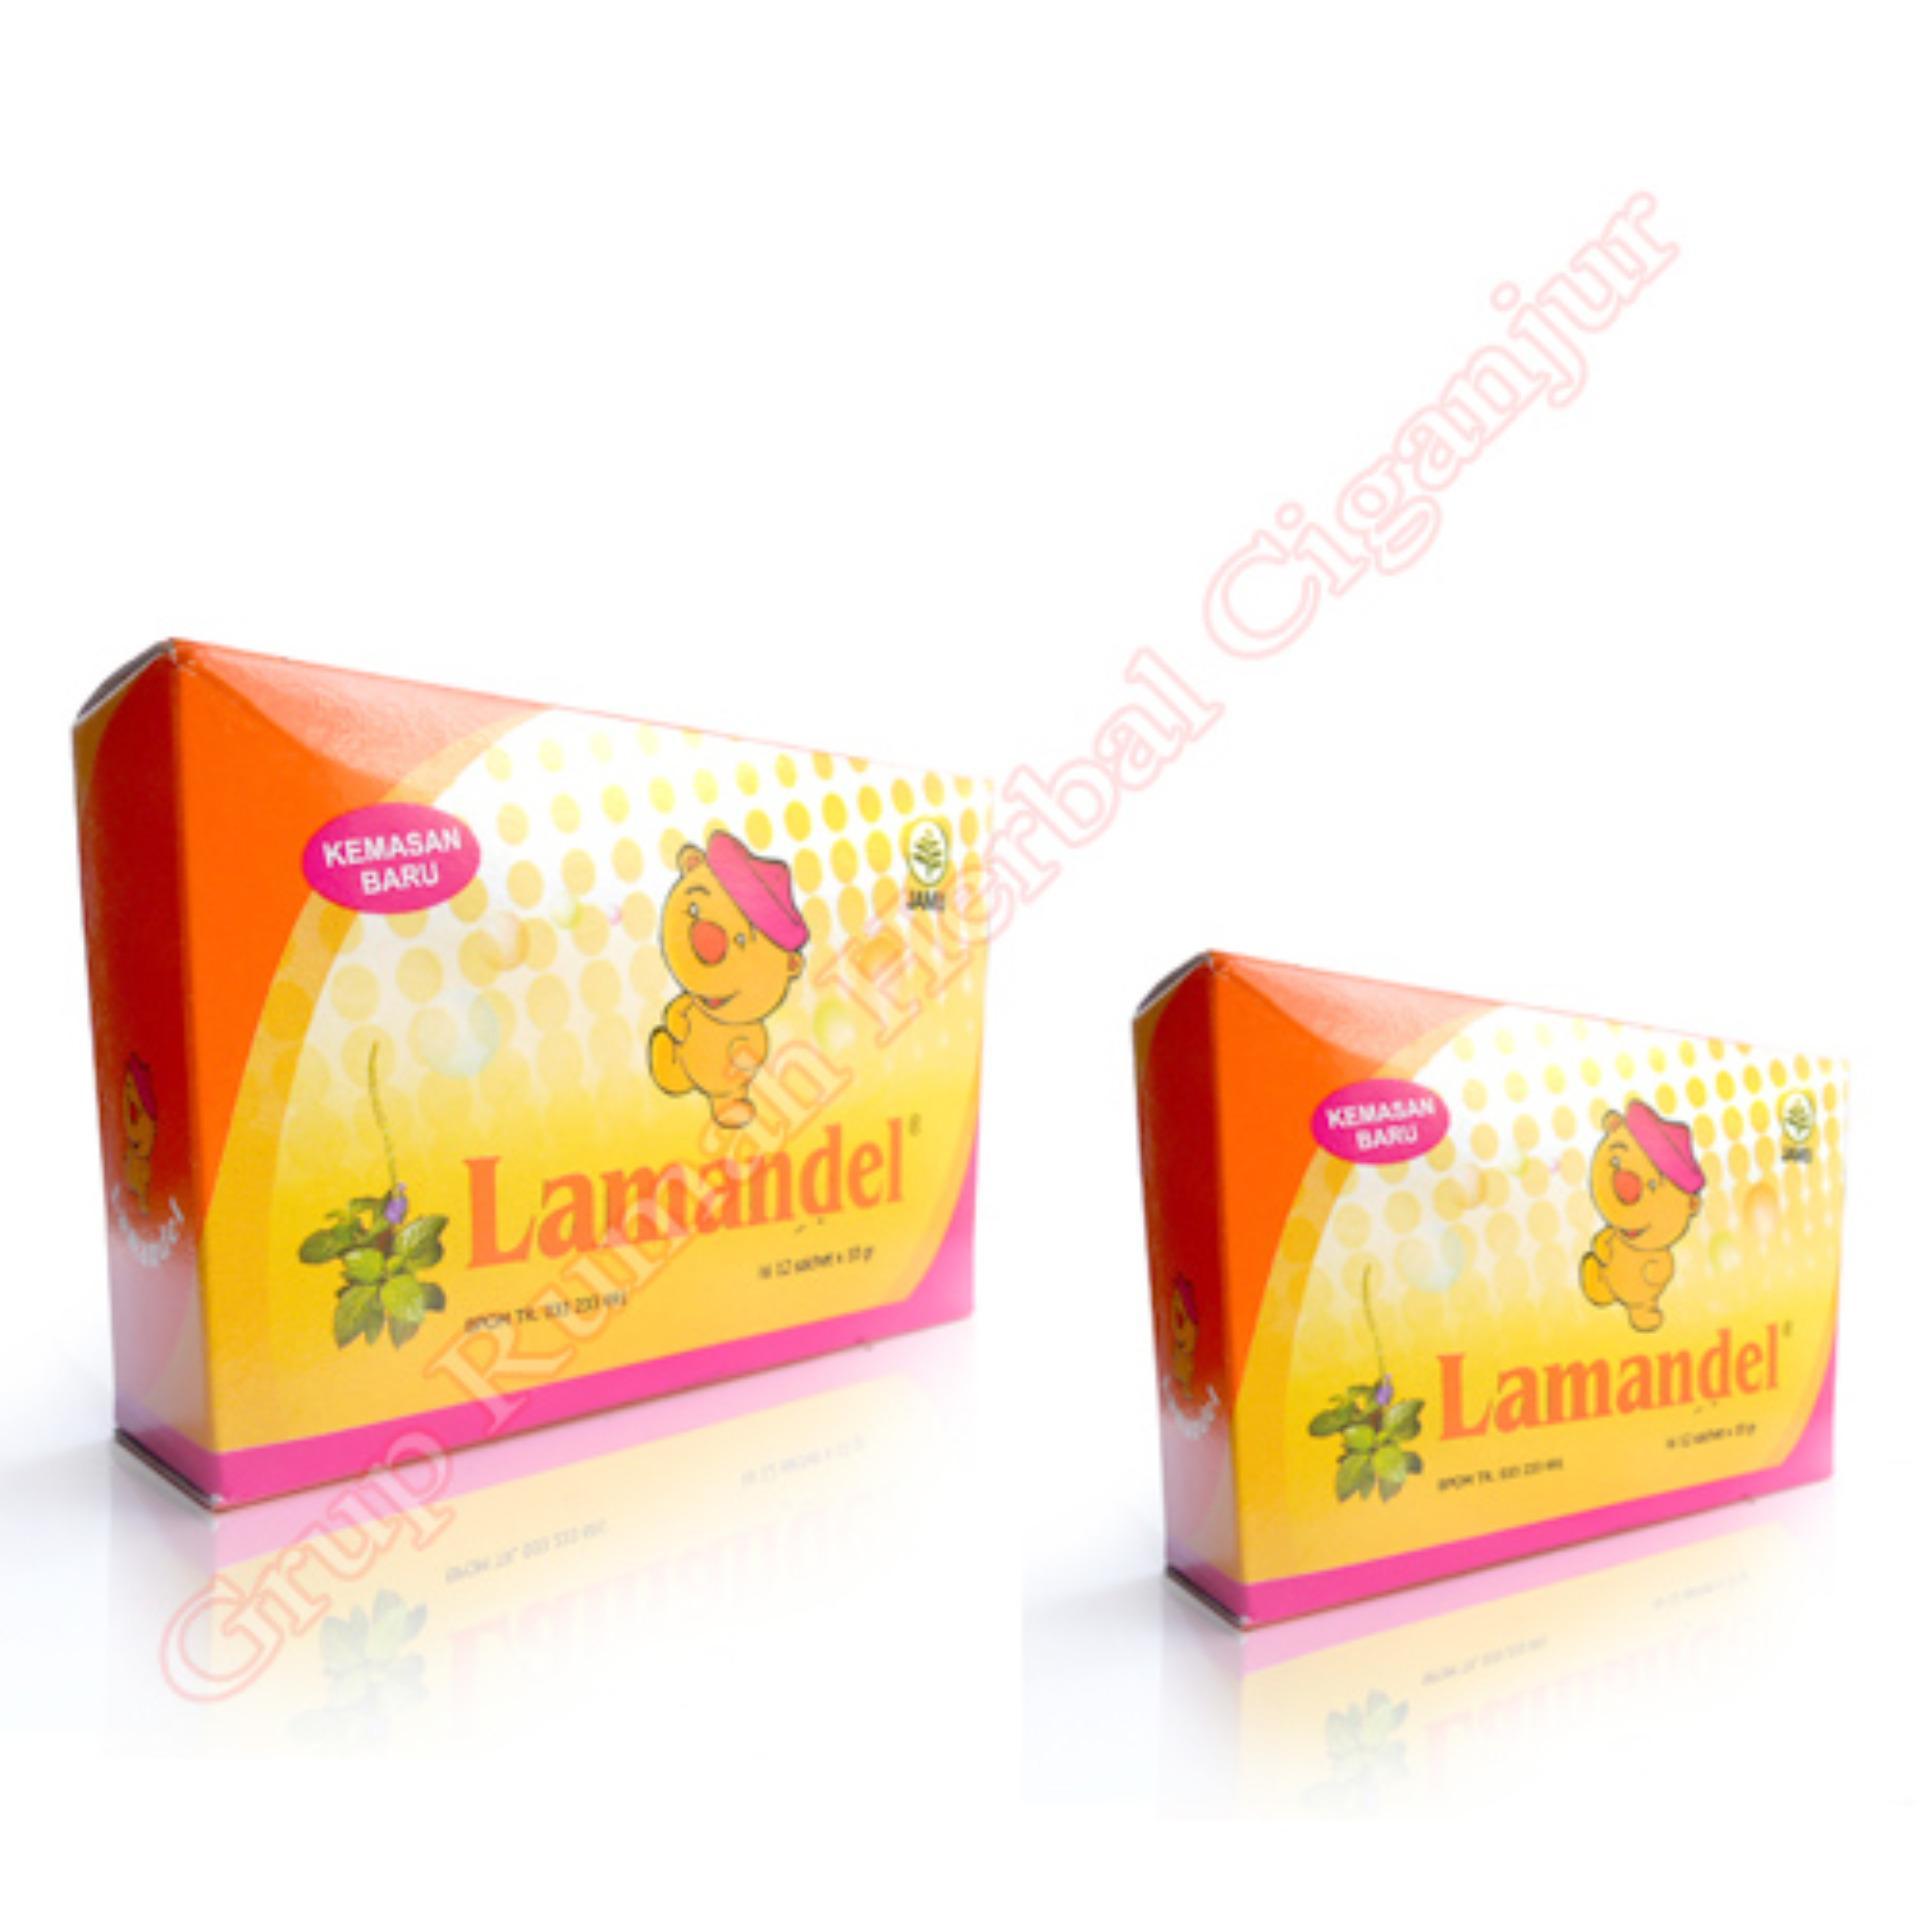 Flash Sale Lamandel Obat untuk Amandel - Paket 2 Kotak (1 kotak isi 12 saset